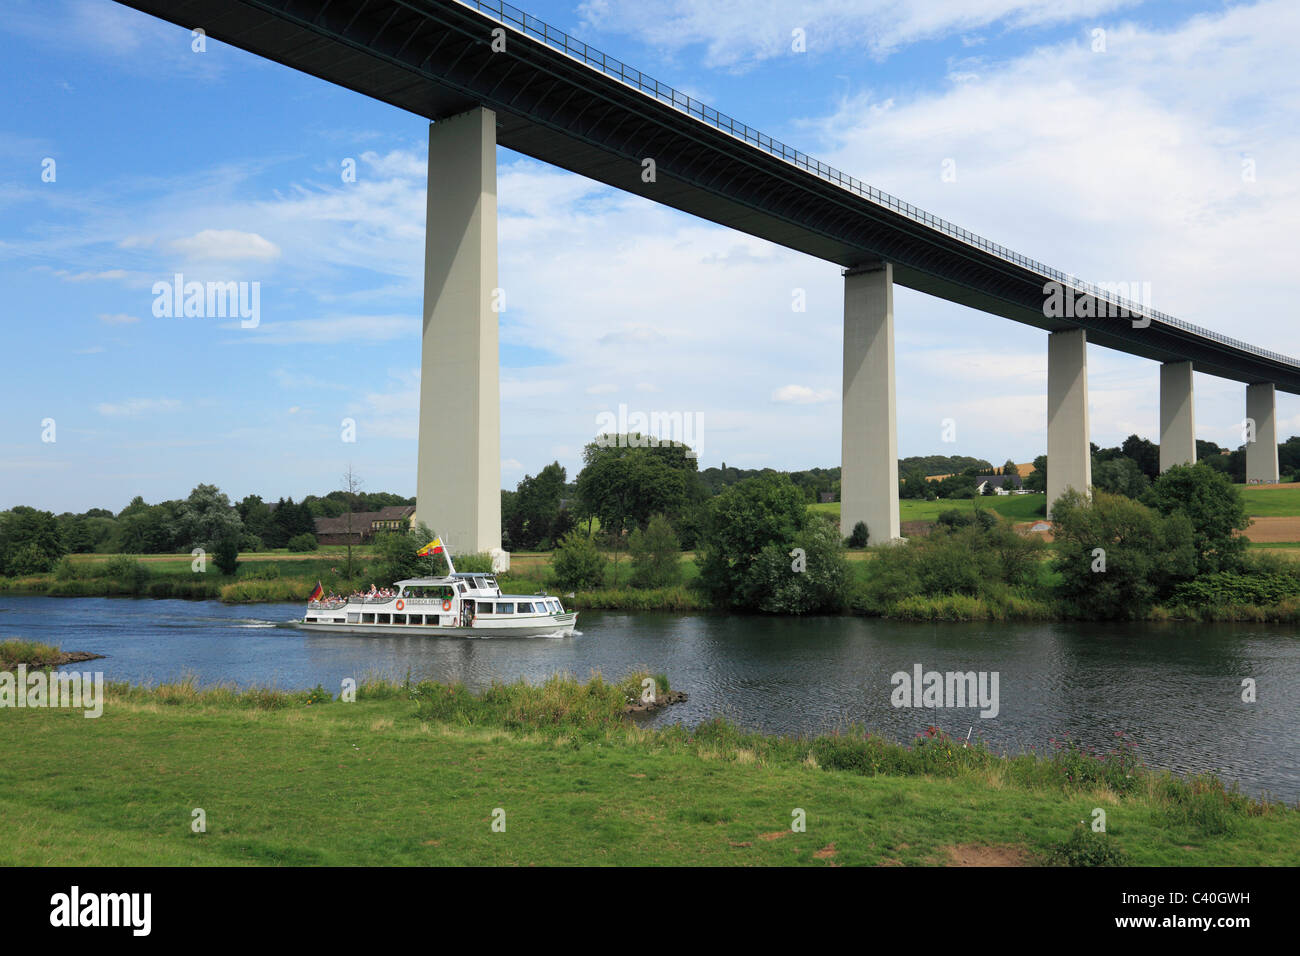 excursion steamer, white fleet, Mintarder Ruhr valley bridge, bridge, Mulheim on Ruhr, Ruhr area, North Rhine-Westphalia, - Stock Image